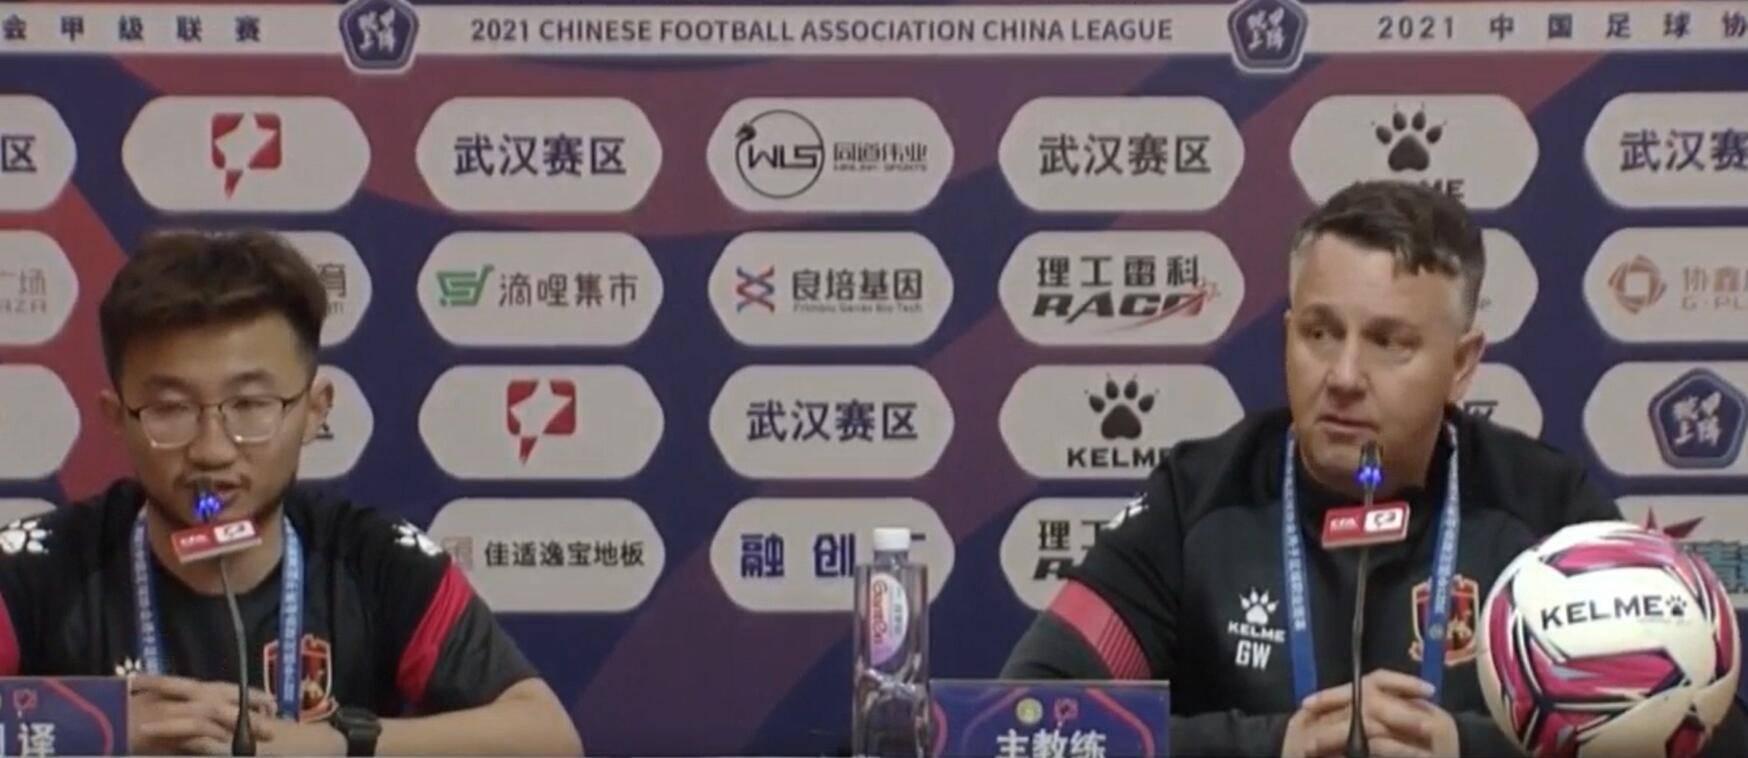 苏州东吴盖瑞怀特:这是本组中甲开赛以来水平最高的一场比赛…